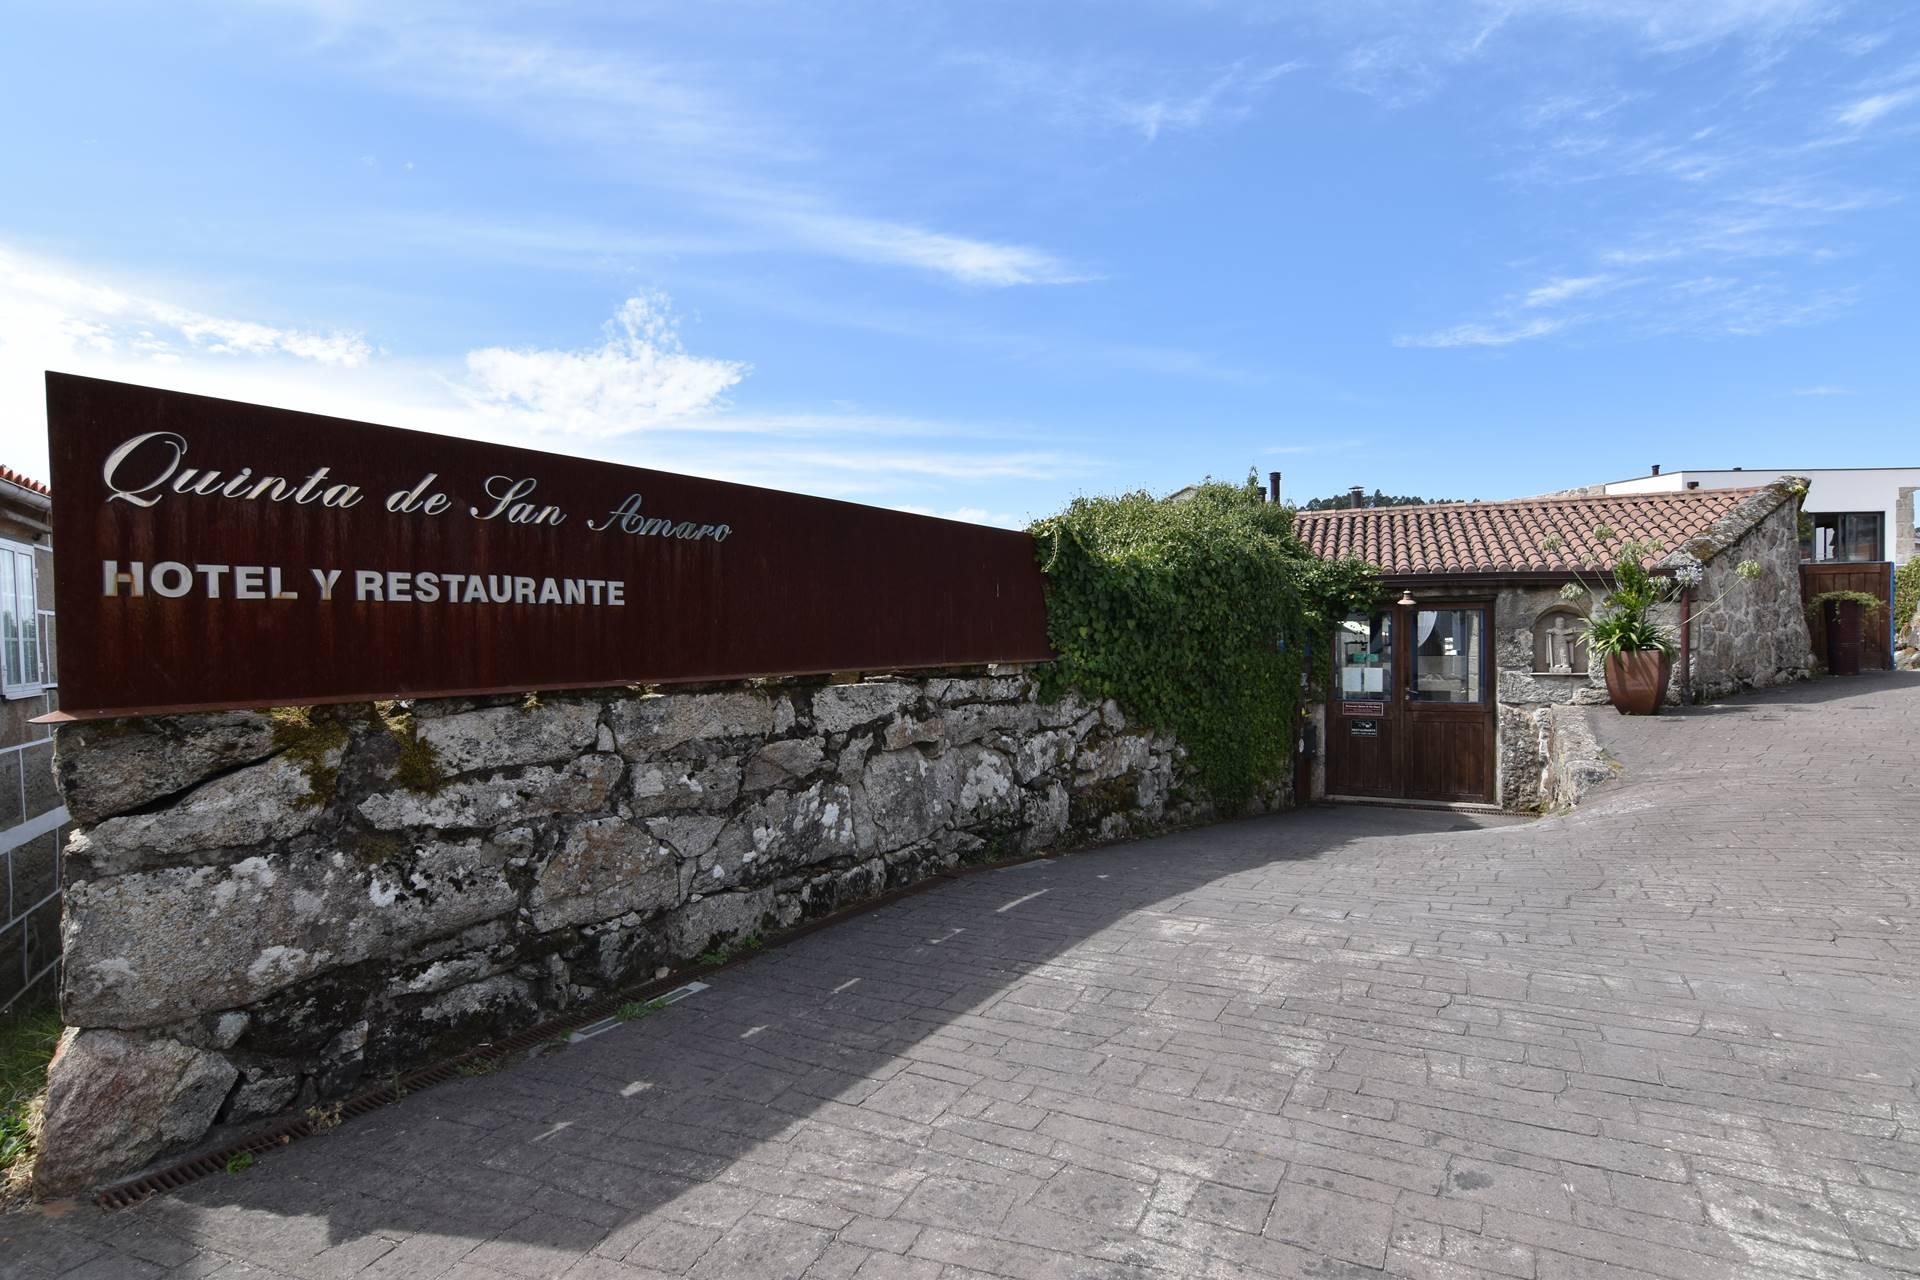 Entrada - Quinta de San Amaro Hotel & Restaurante